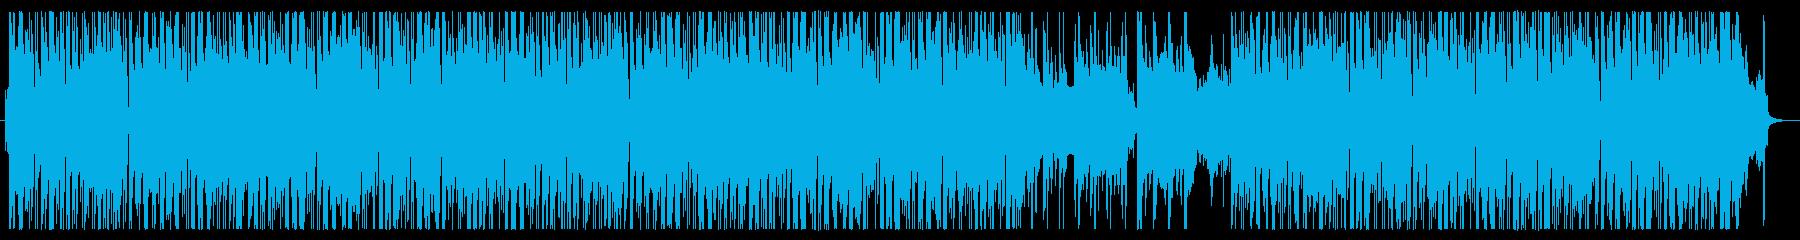 爽やかな琴の音色の和ポップボサノヴァの再生済みの波形